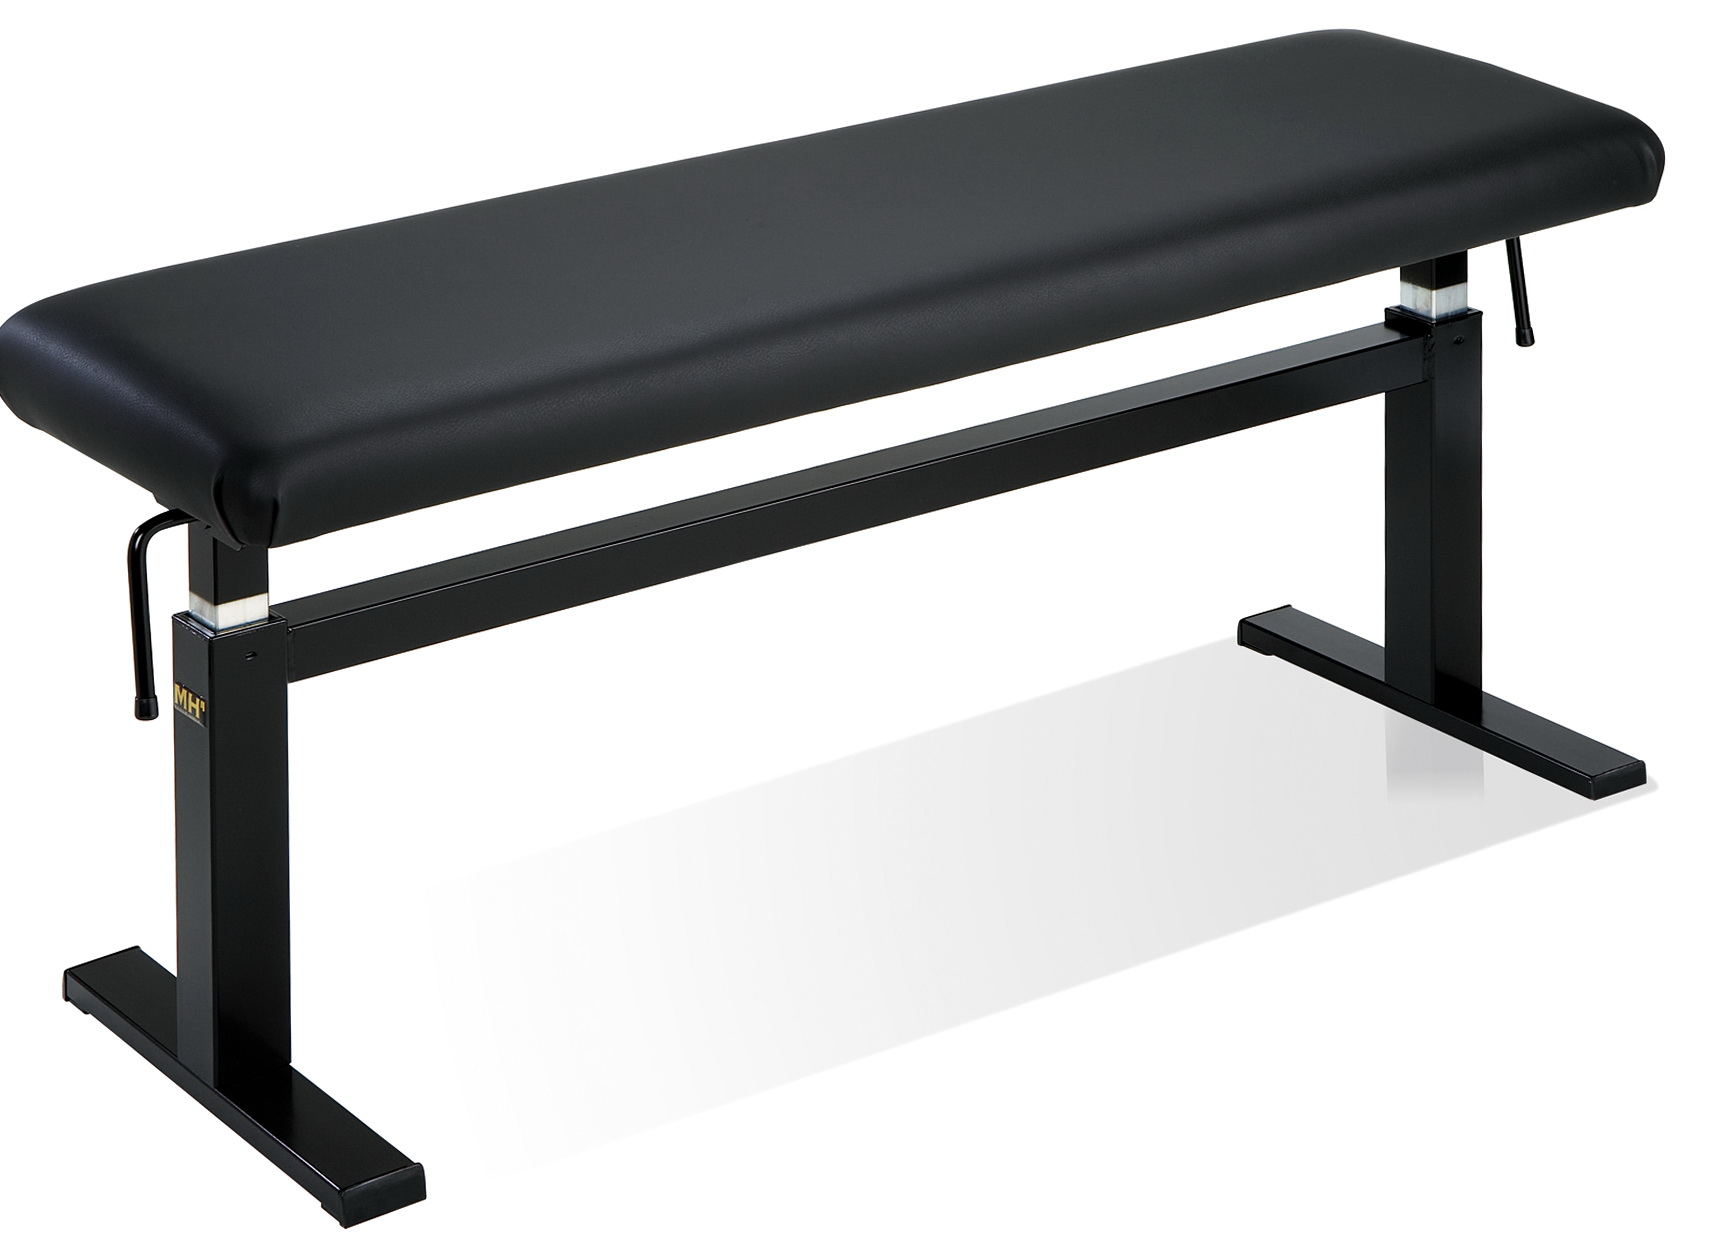 Adjustable Piano Bench Mechanism